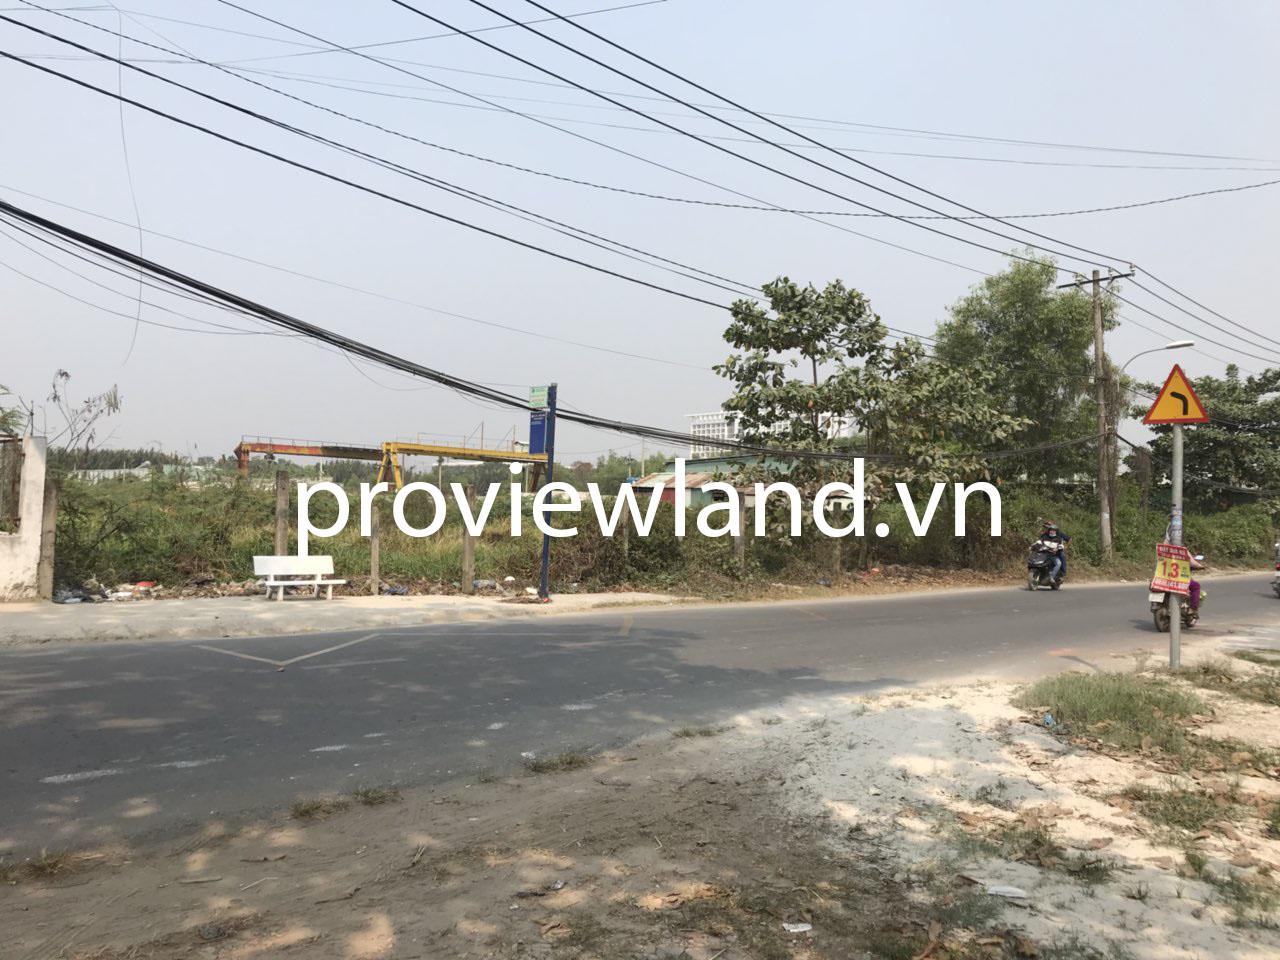 Bán lô đất 2 mặt tiền 7000m2 khúc Lã Xuân Oai và Nguyễn Duy Trinh Quận 9